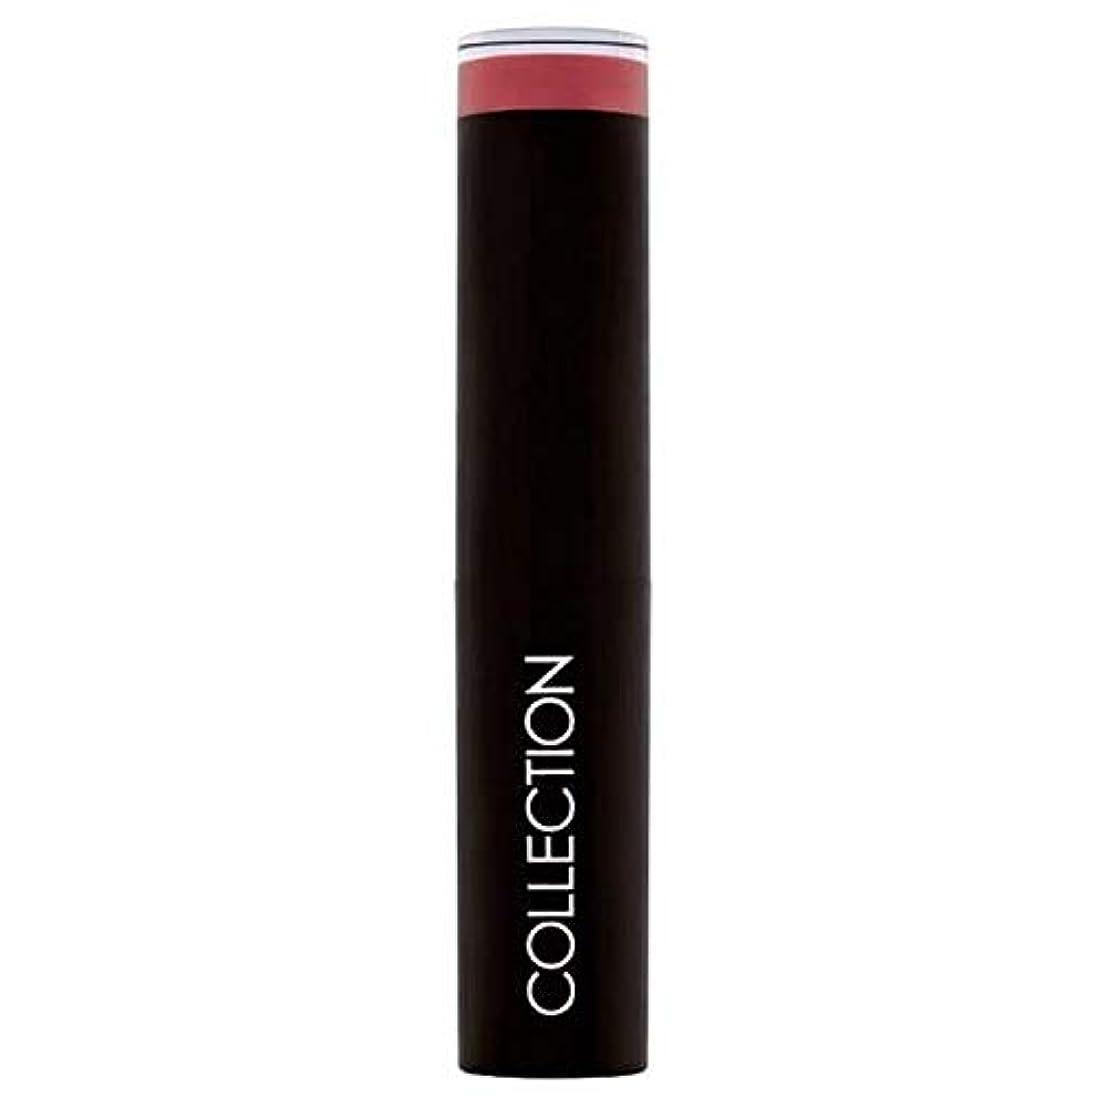 誇張する端保持[Collection ] コレクション強烈な輝きゲル口紅破砕梅3 - Collection Intense Shine Gel Lipstick Crushed Plum 3 [並行輸入品]